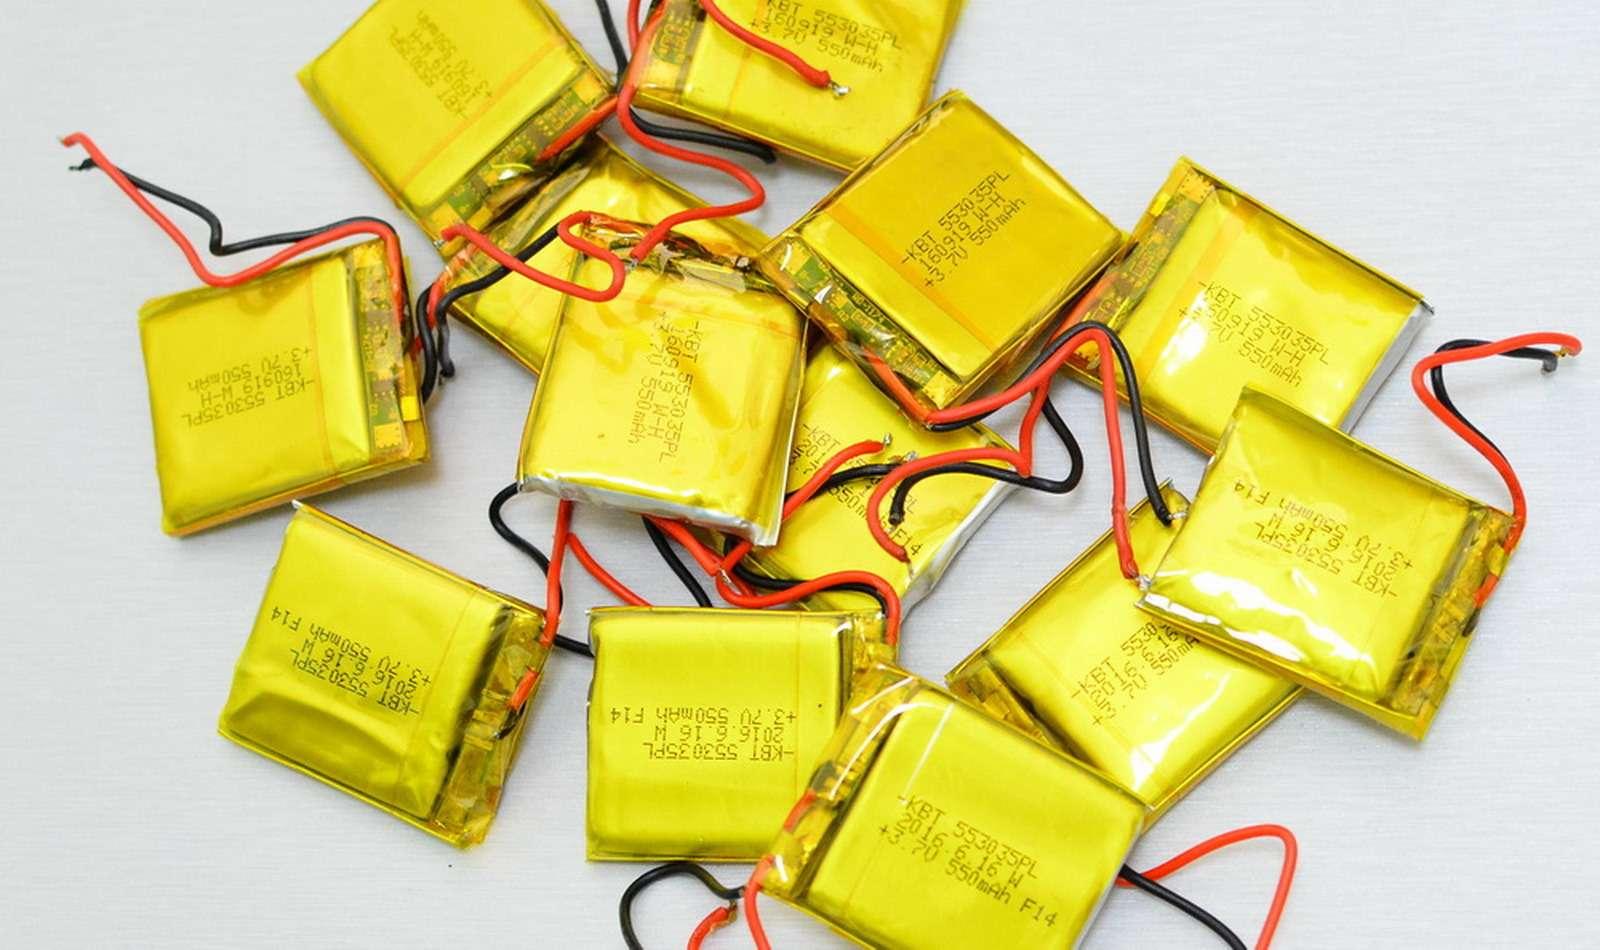 Видеорегистраторы вмороз: как умирают аккумуляторы? Спецтест— фото 854260